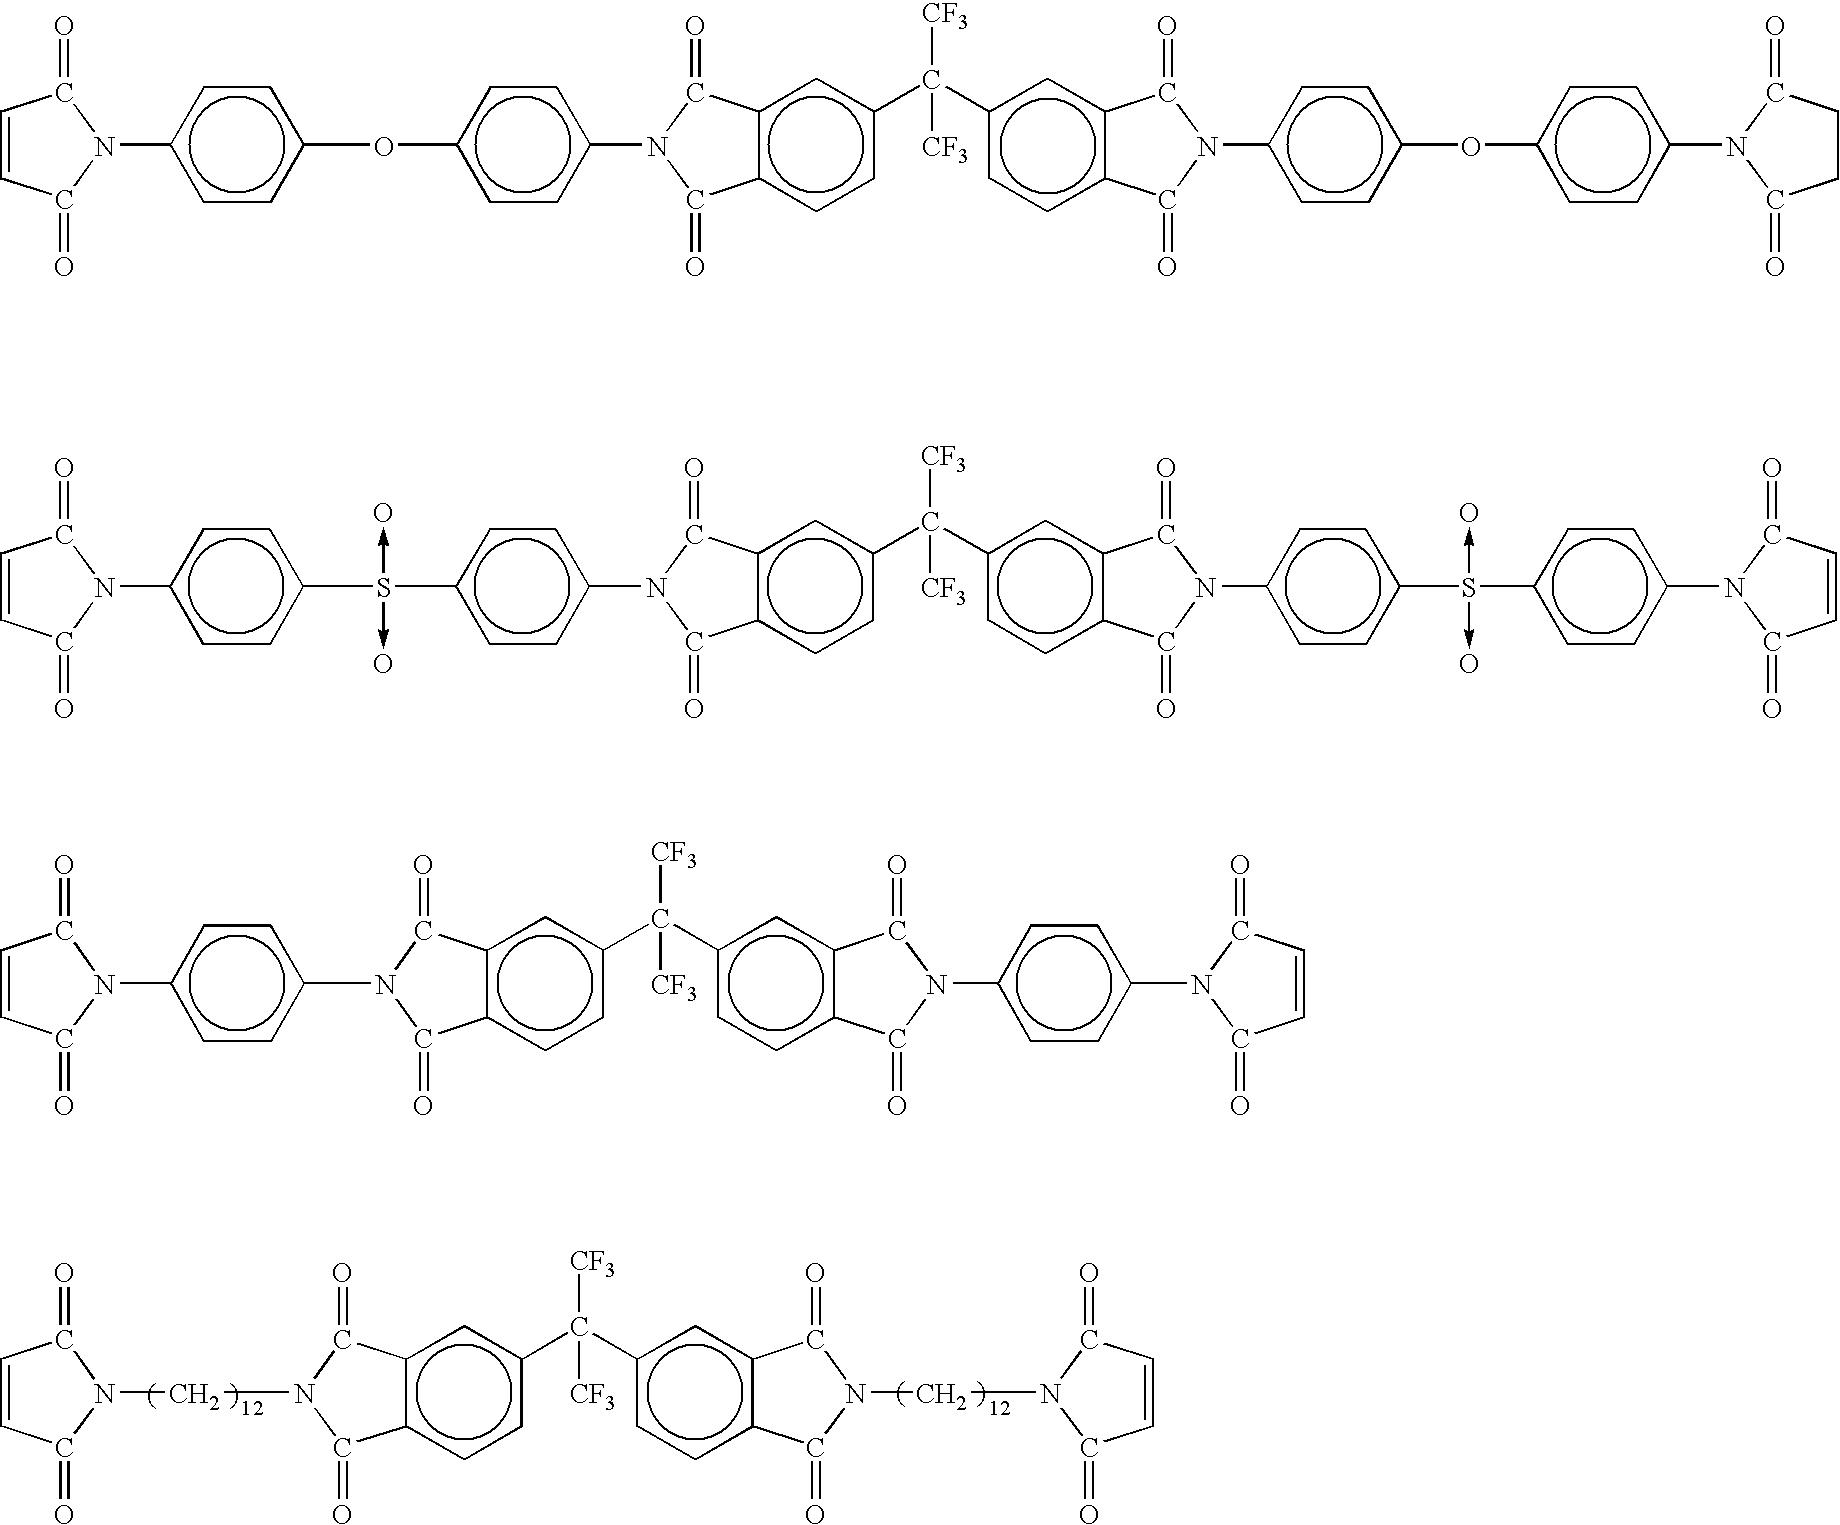 Figure US20080300360A1-20081204-C00007